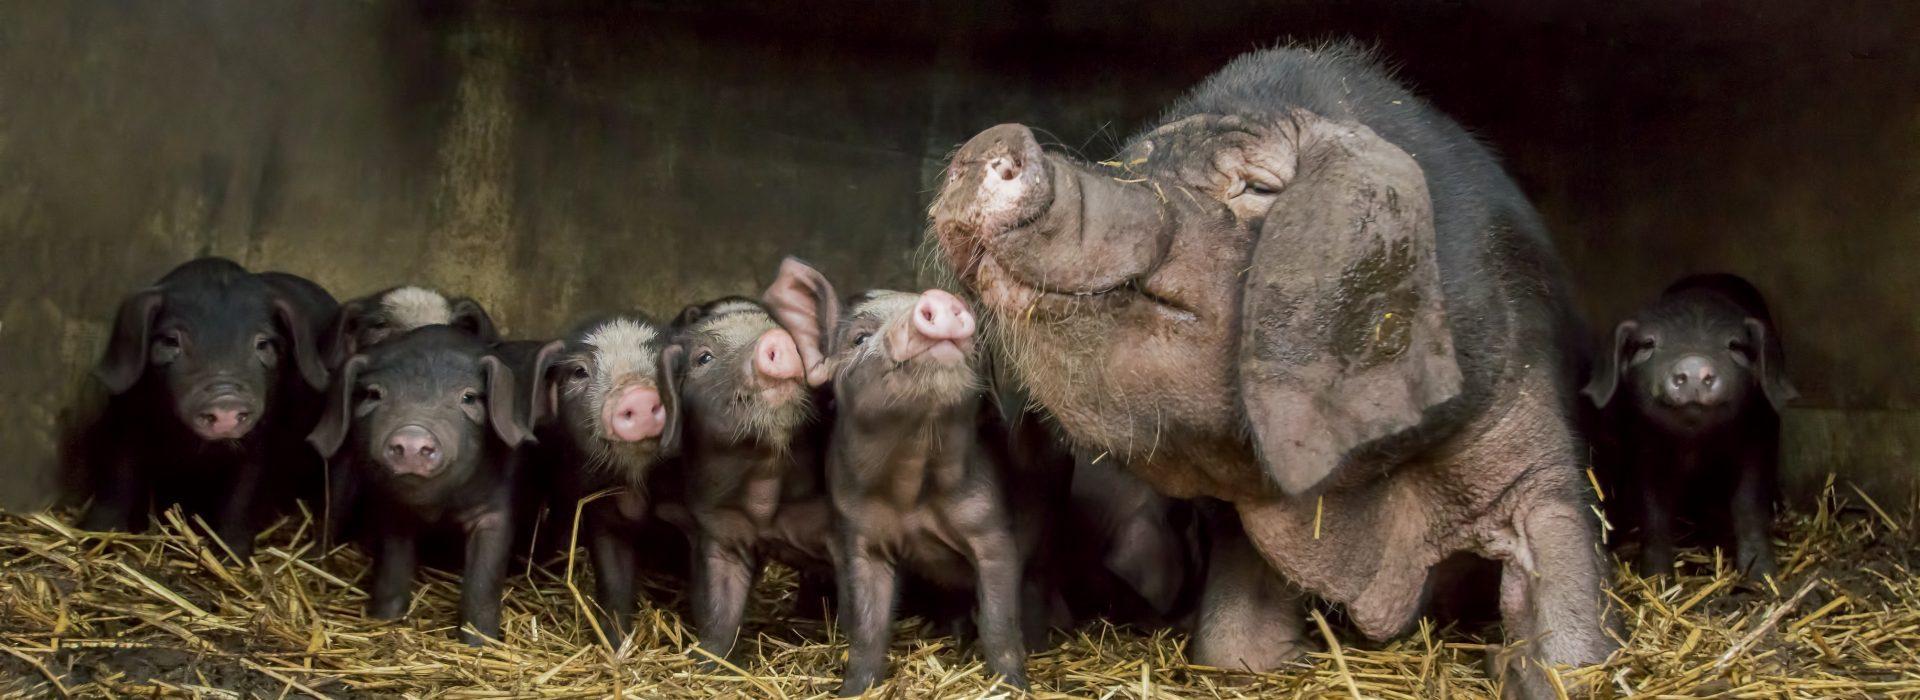 Door de lens van vee-fotograaf Gert van den Bosch